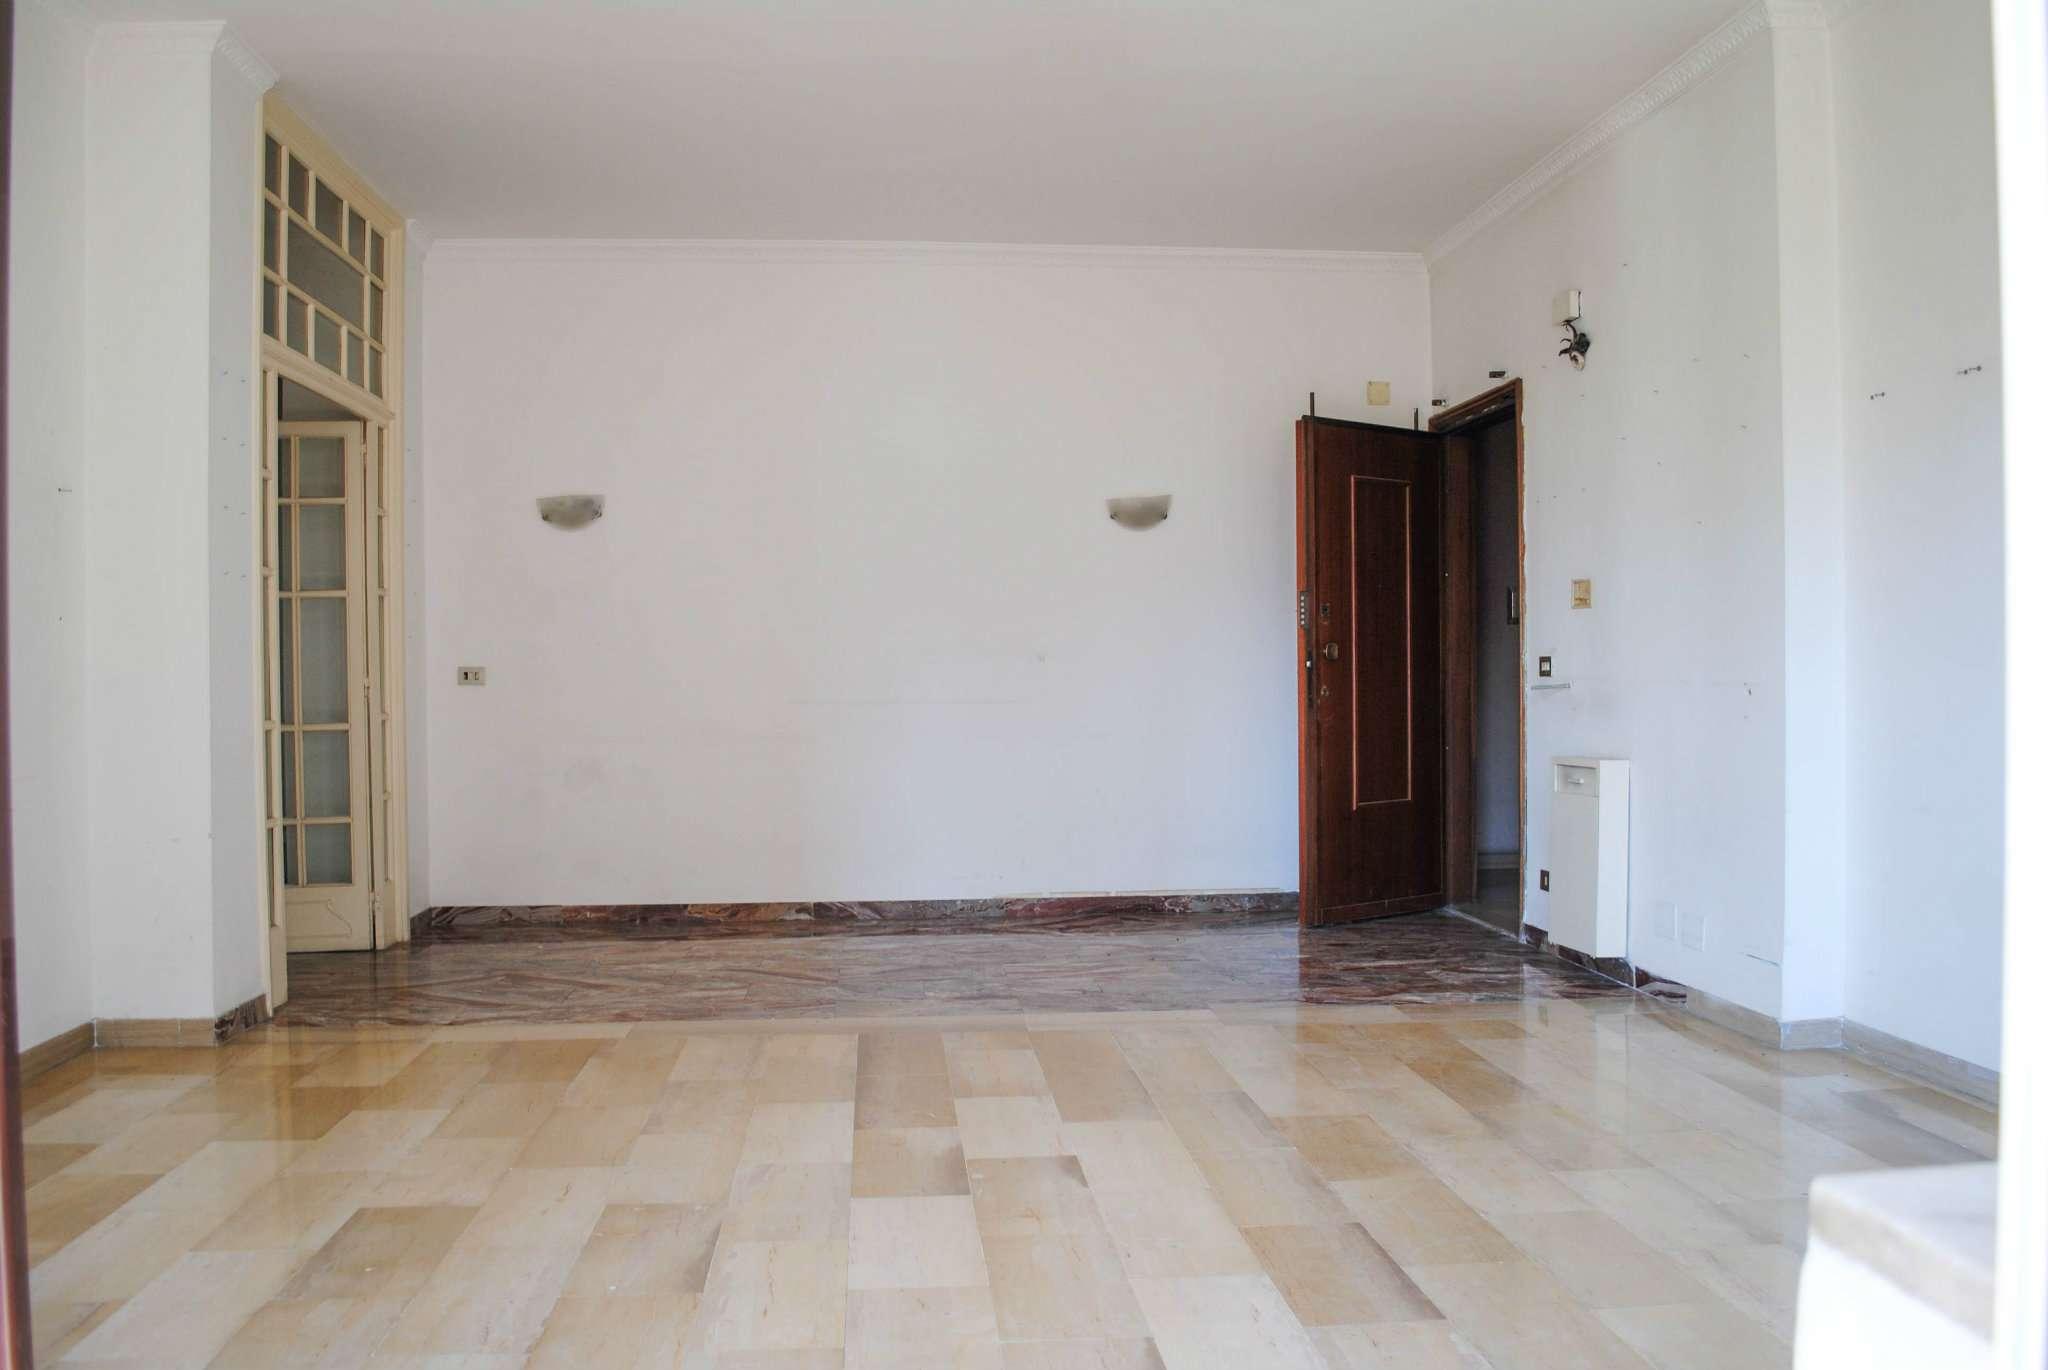 Appartamento in affitto a Moncalieri, 4 locali, prezzo € 600 | CambioCasa.it